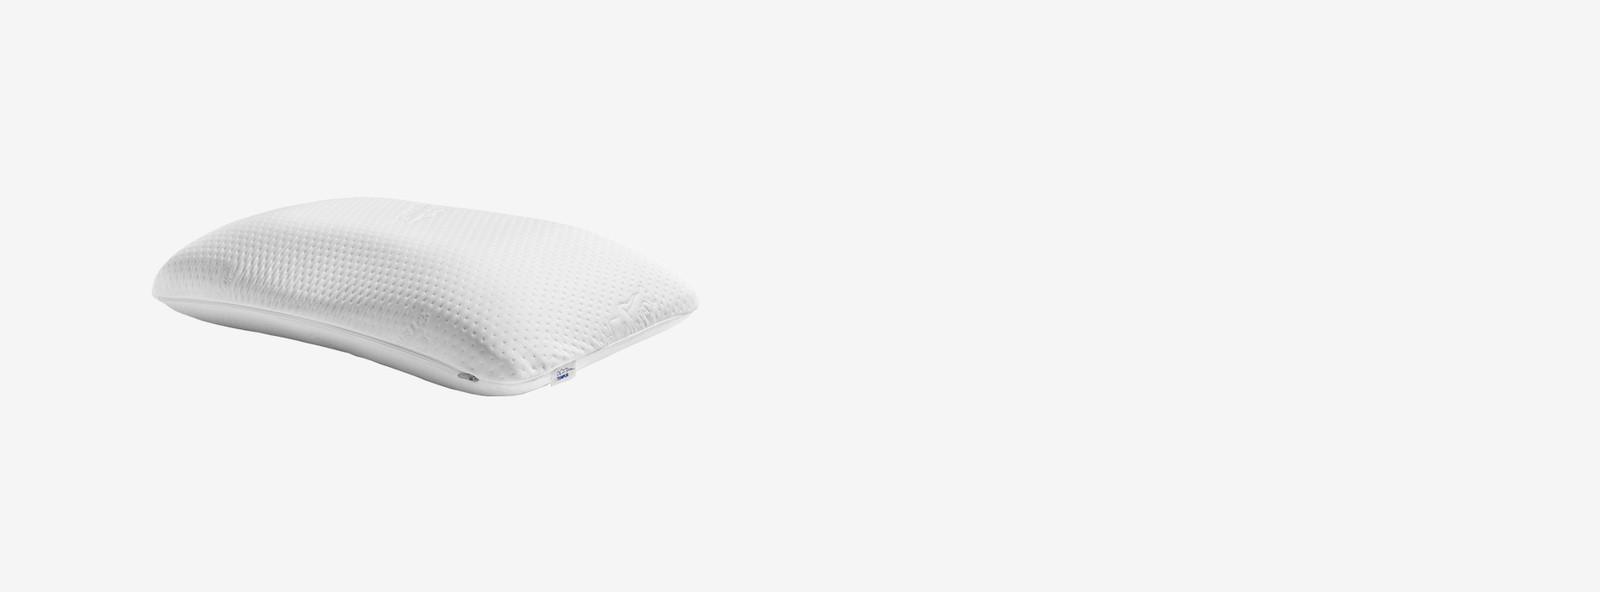 The tempur-symphony pillow